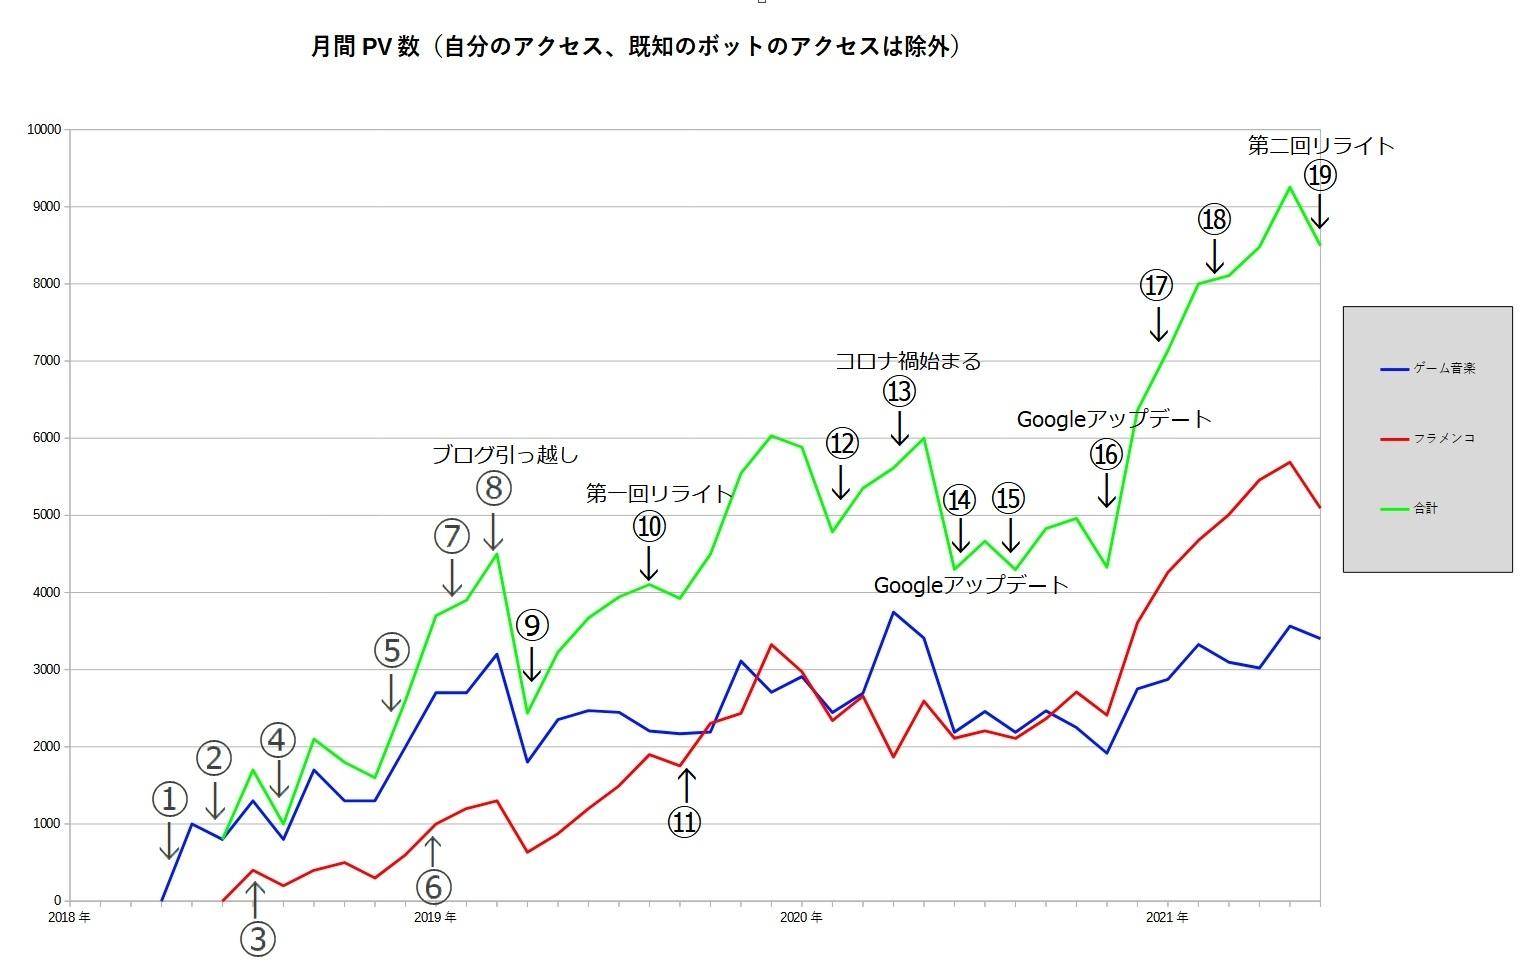 3年間のブログPV数の推移